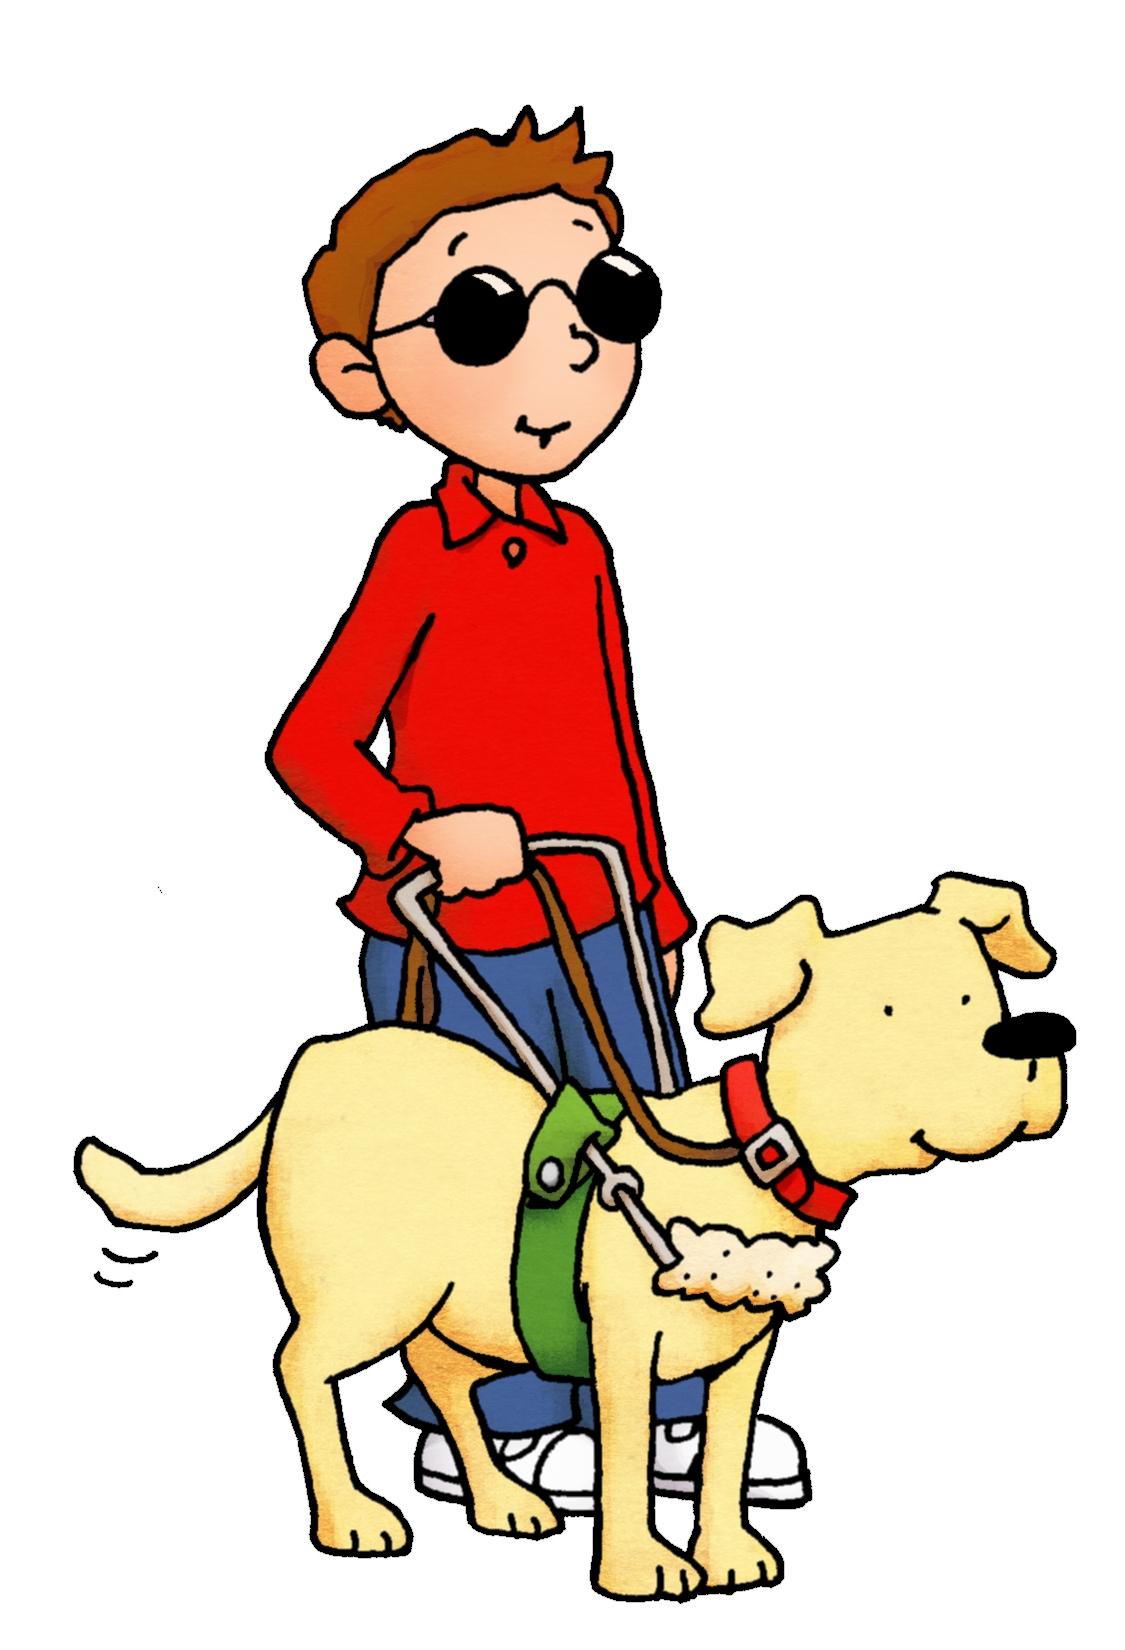 Sponsor A Blind Dog Guide Dogs D2 Digital By Design Ltd